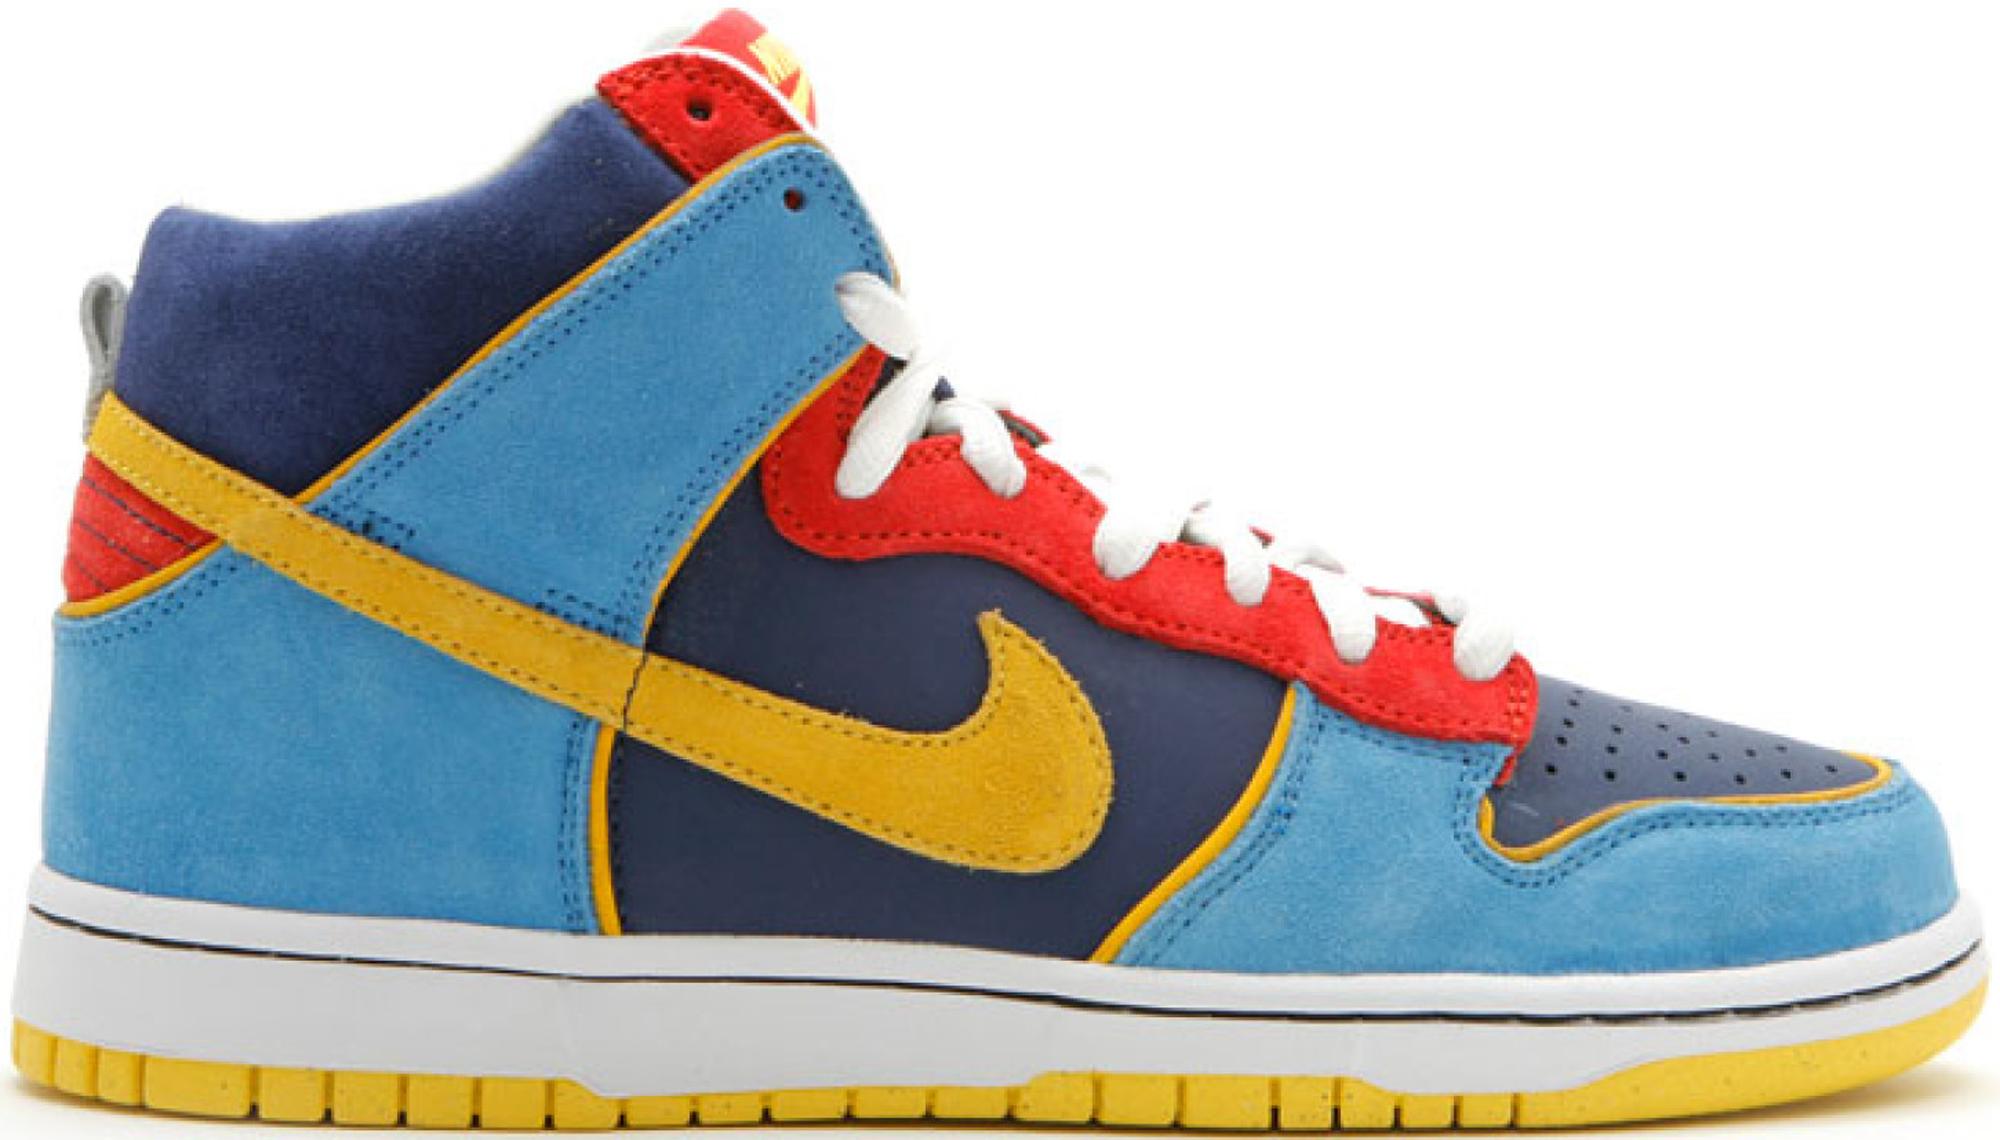 Nike SB Dunk High Pacman